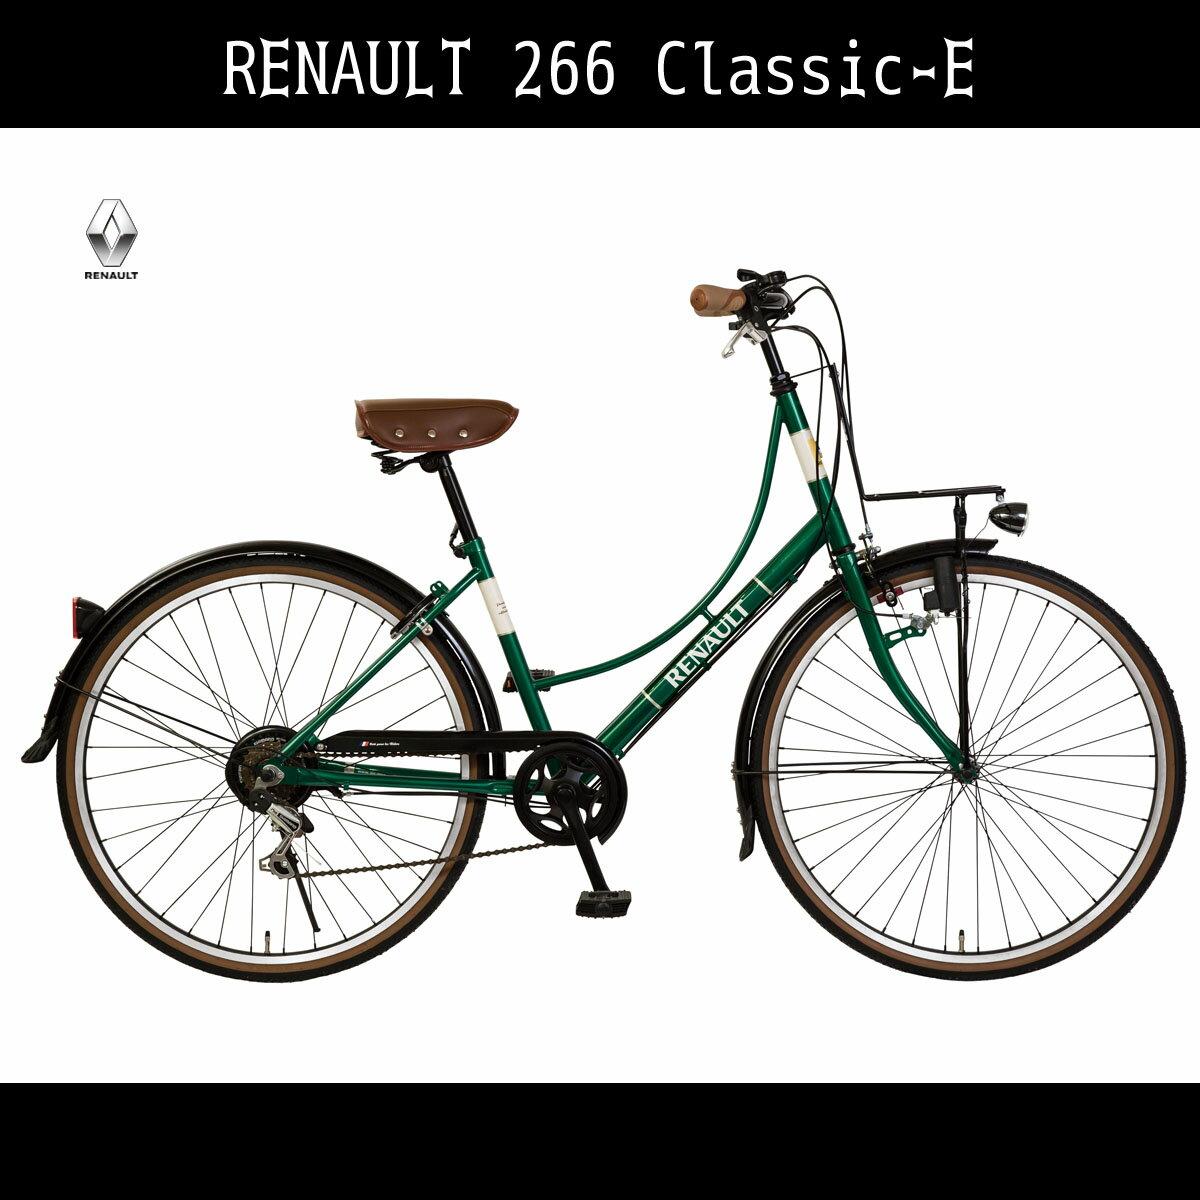 <関東限定特別価格>自転車 ギア付きで使いやすいママチャリです Classic-E 266L ママチャリ ルノー 自転車 鍵付き ローラーブレーキ LEDライト 外装6段変速ギア付き 自転車 26インチ シティサイクル 緑 グリーン RENAULT ルノー 自転車 <送料無料